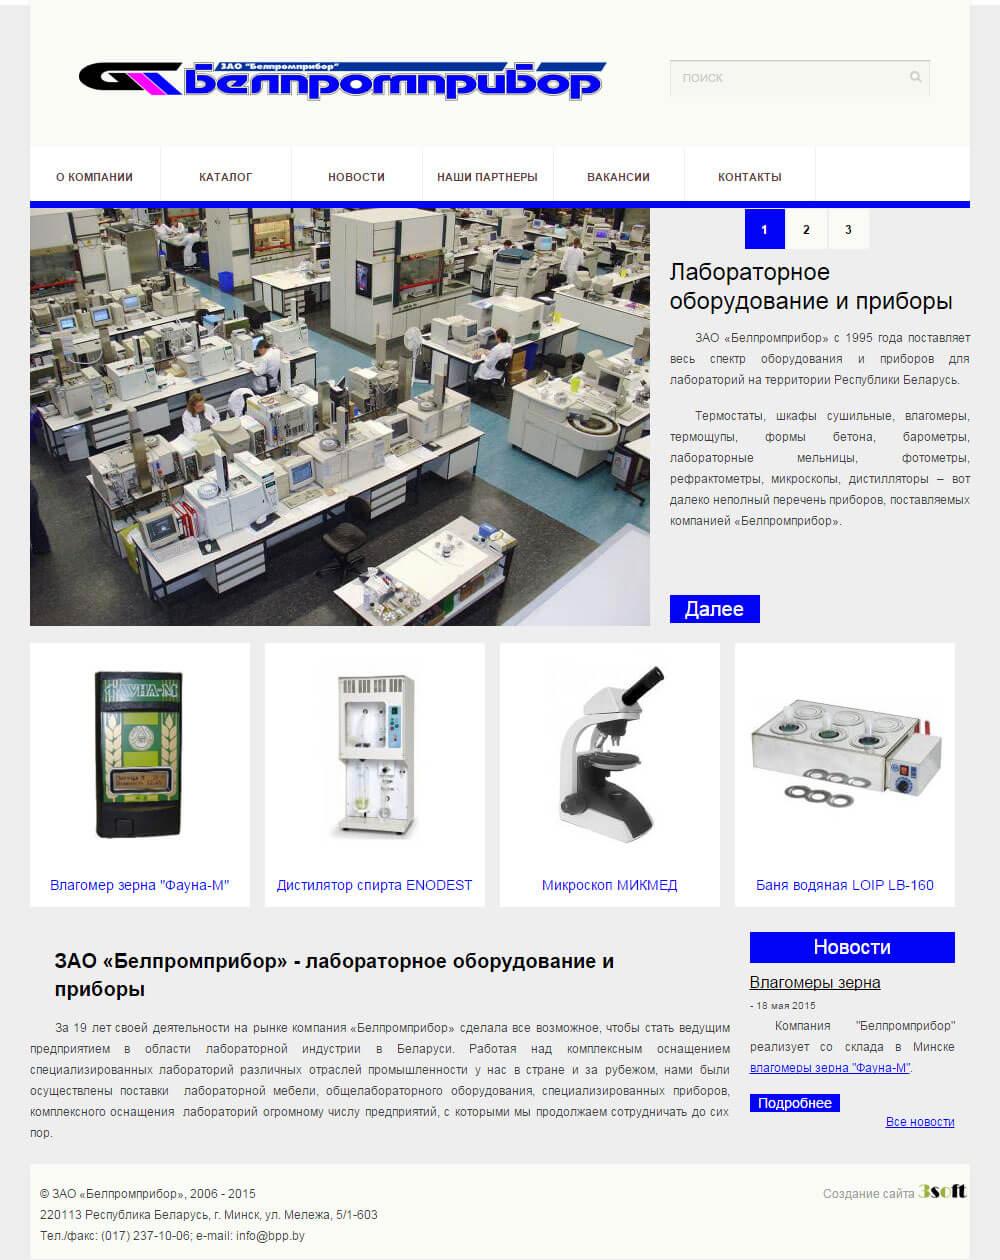 Сайт компании «Белпромприбор». Главная страница.